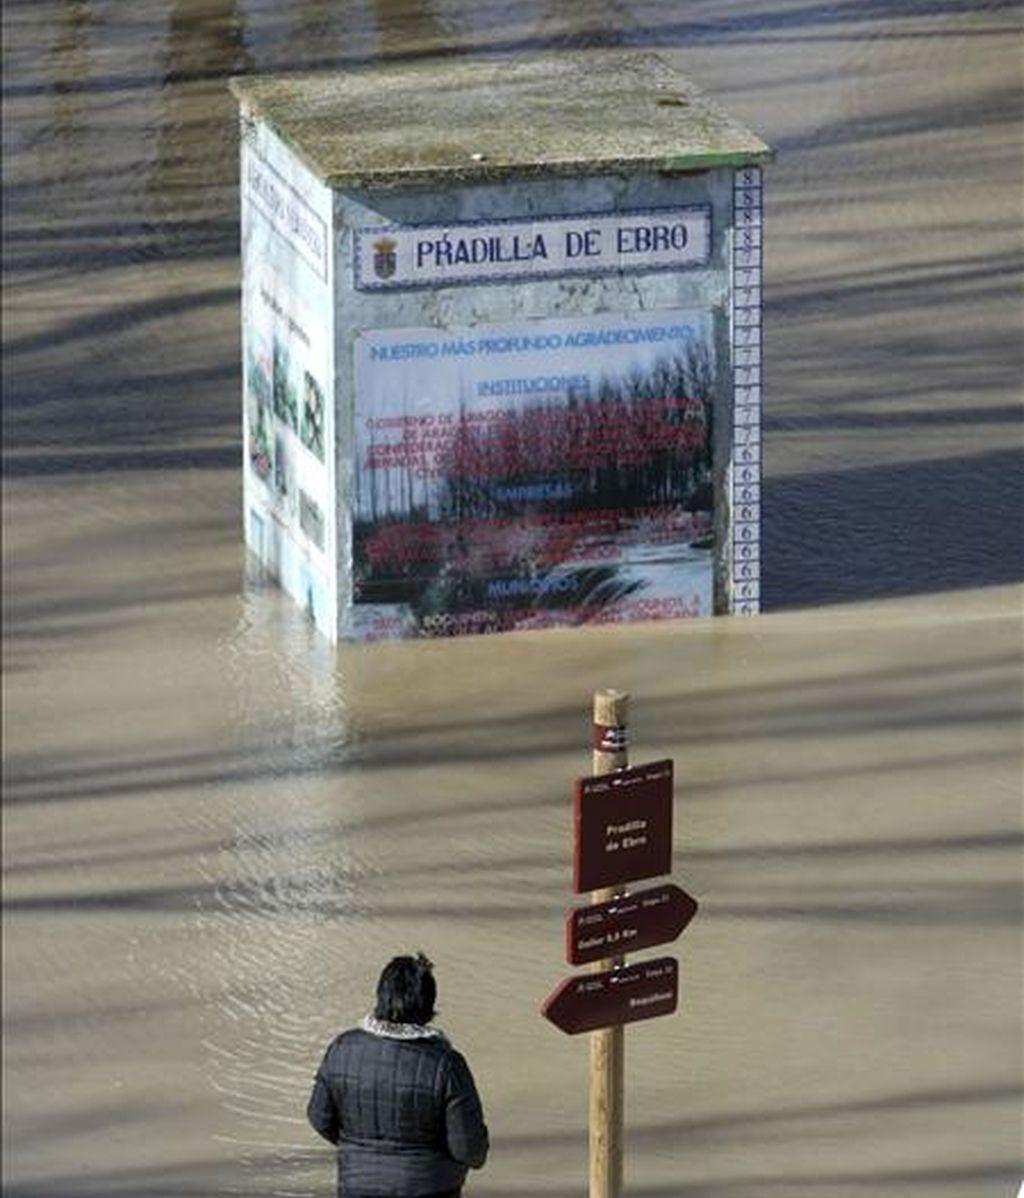 Una vecina de la localidad zaragozana de Pradilla contempla la crecida del rio Ebro, provocada por las intensas lluvias en el norte de la península y el deshielo por el aumento de las temperaturas. EFE